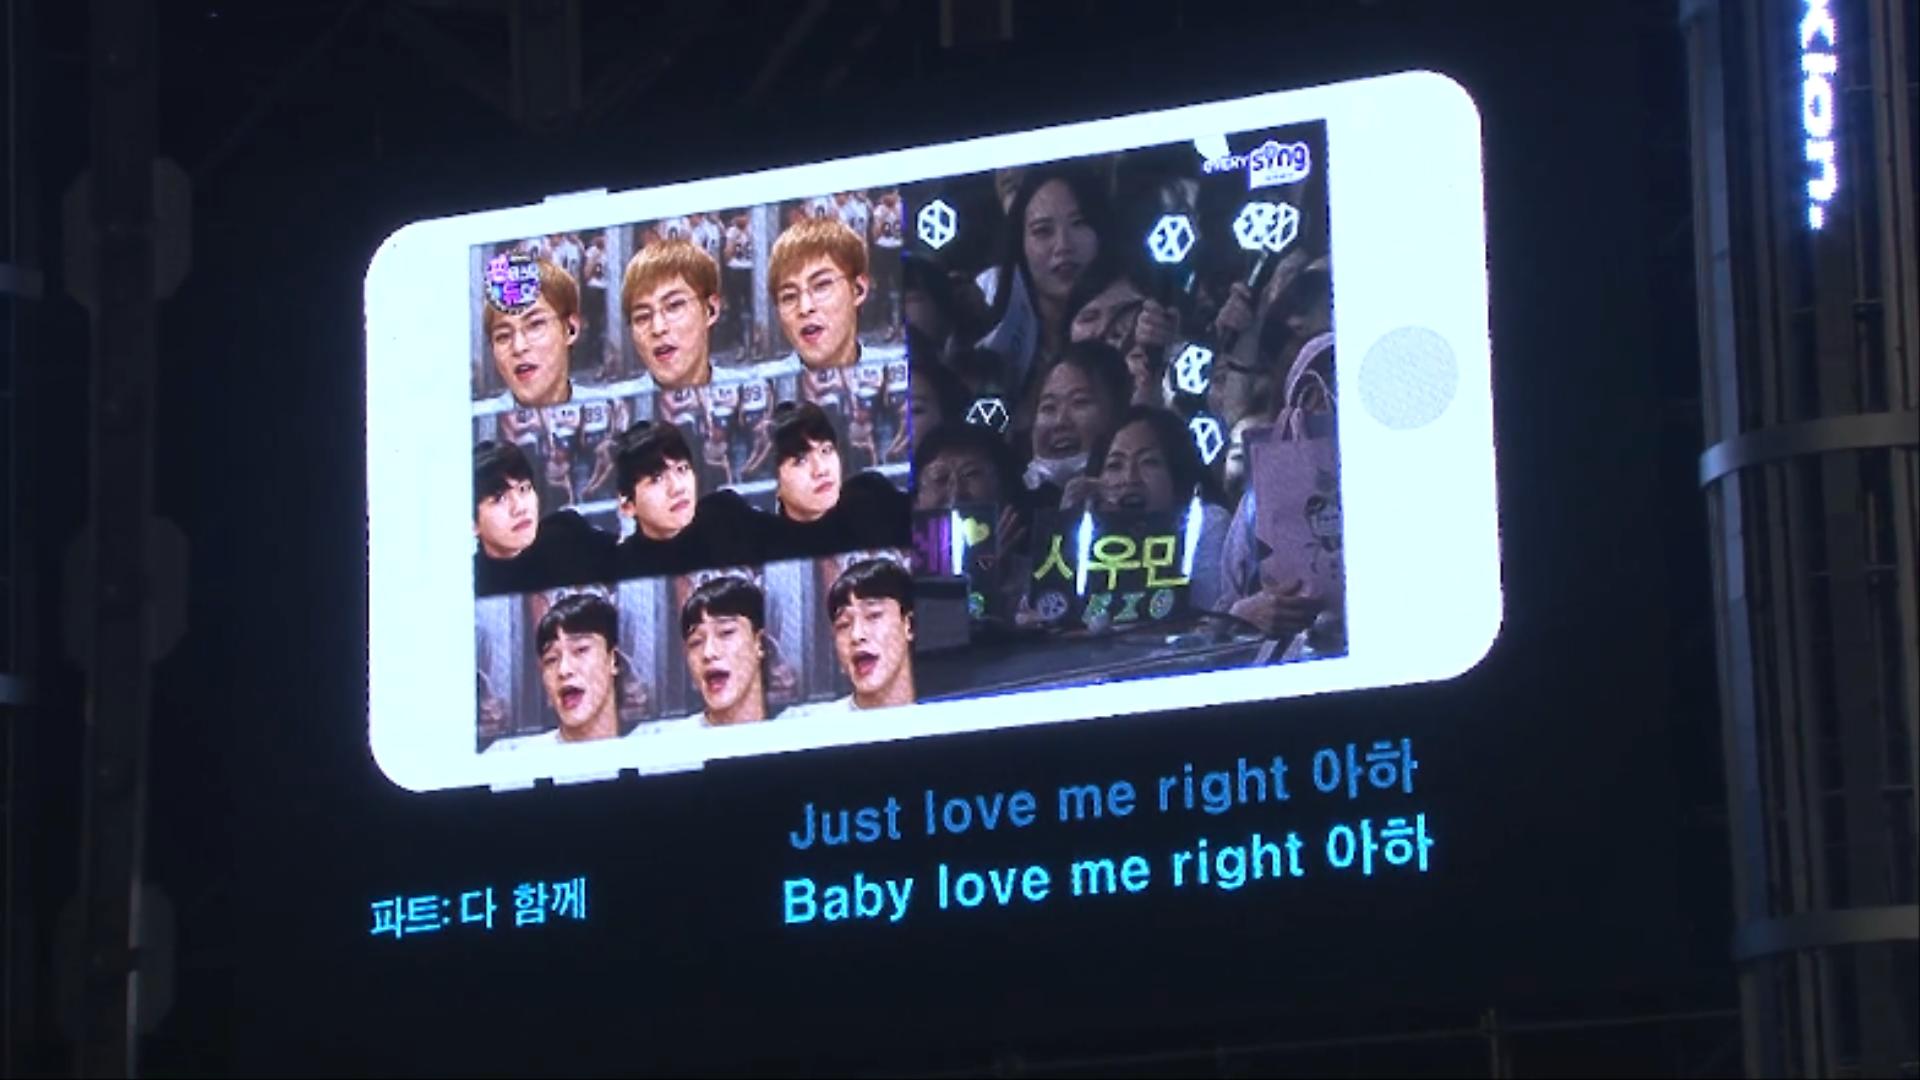 EXO 콘서트 판타스틱한 떼창 이벤트